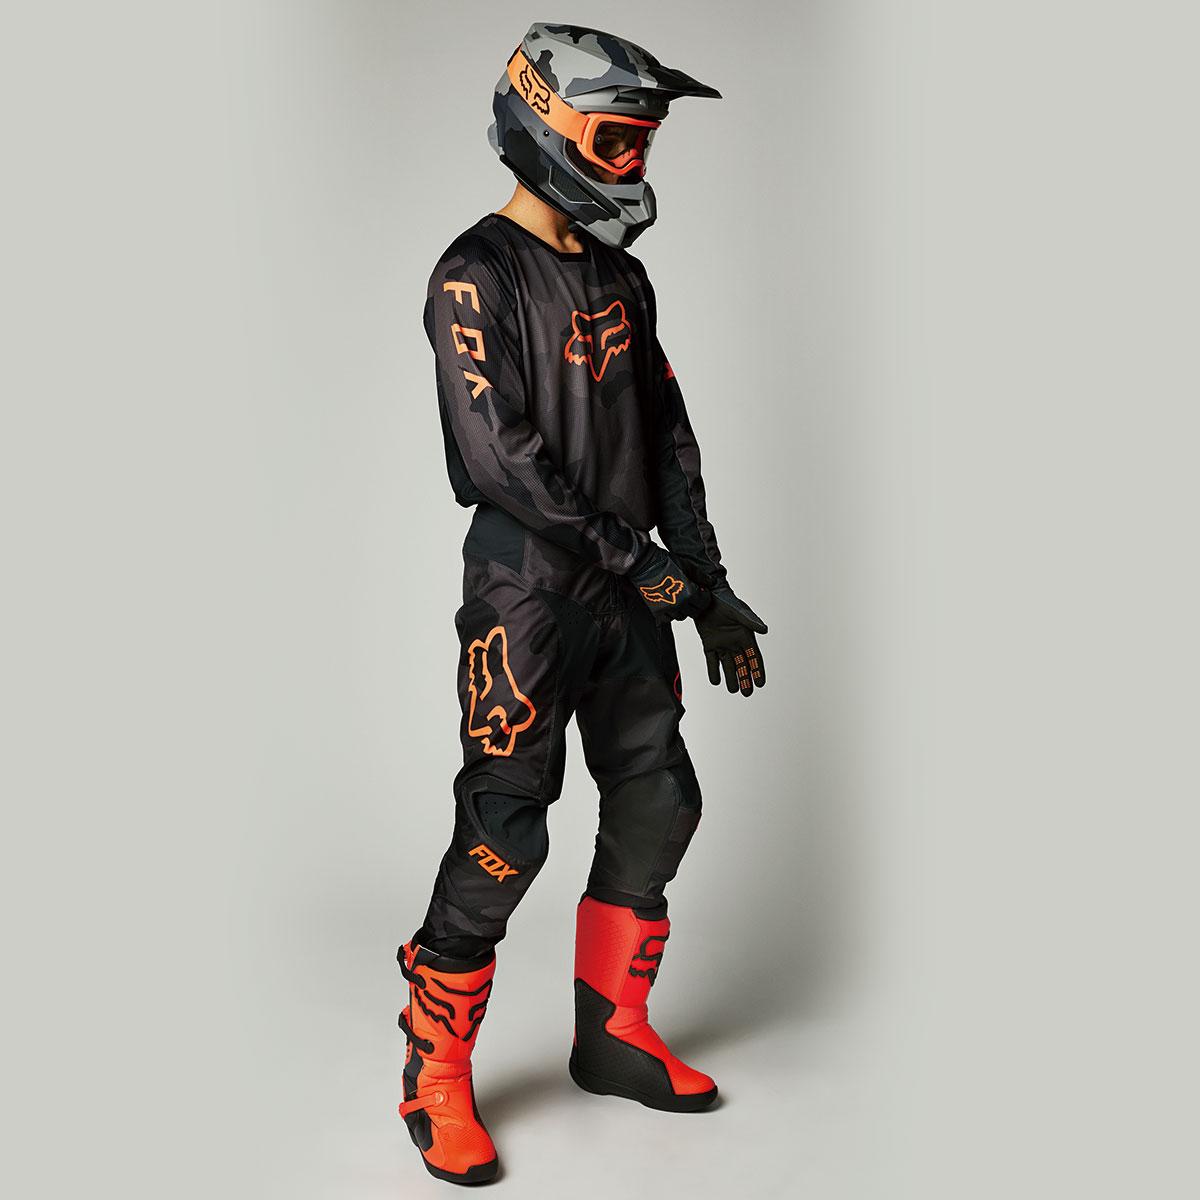 画像5: FOX180ジャージに新色「ブラックカモ」登場 選べるカラーは10種類に